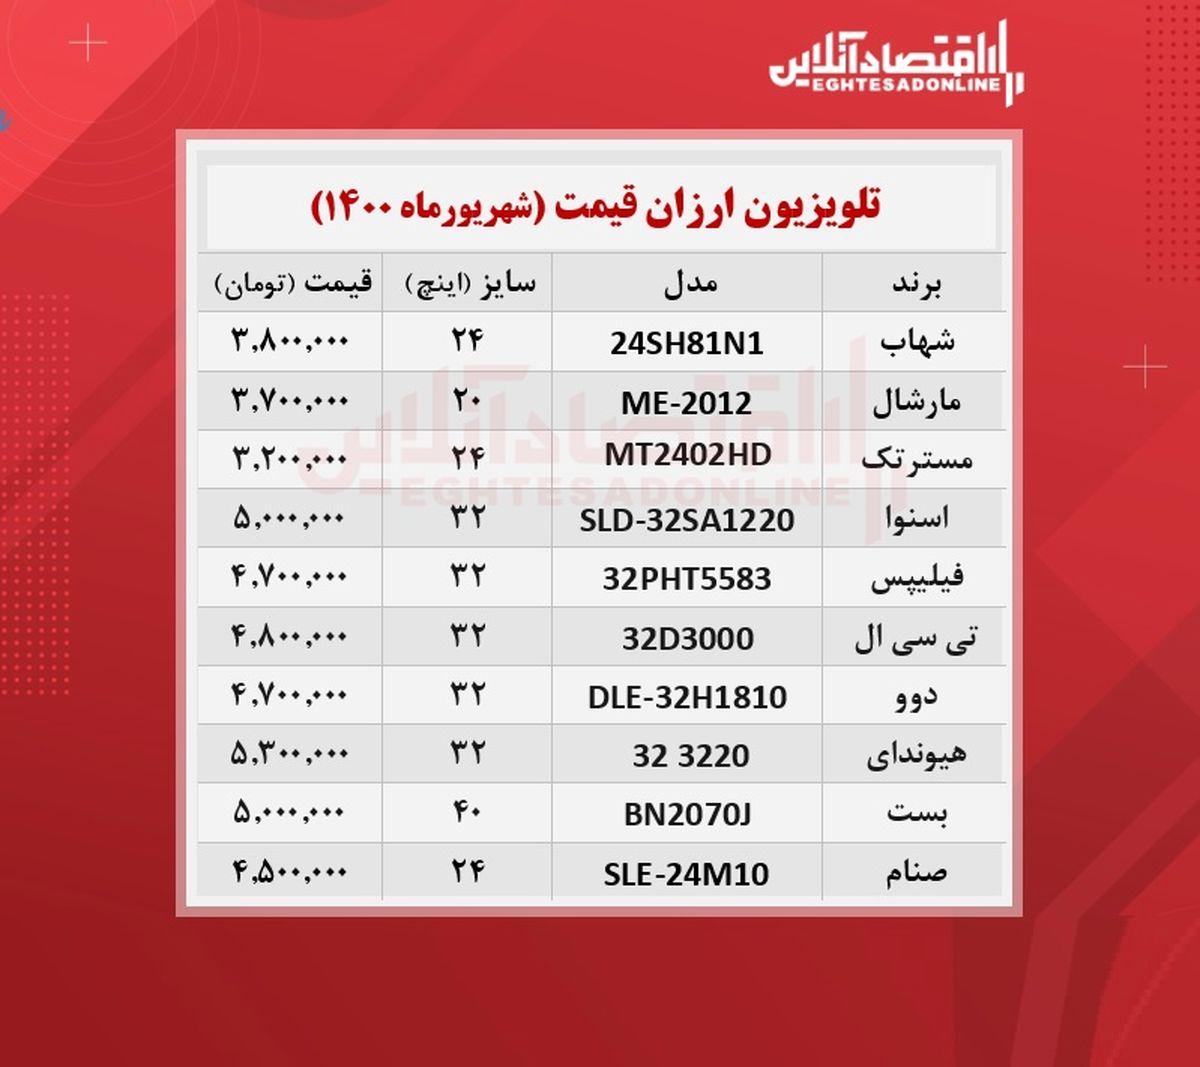 ارزان ترین تلویزیون های بازار چند؟